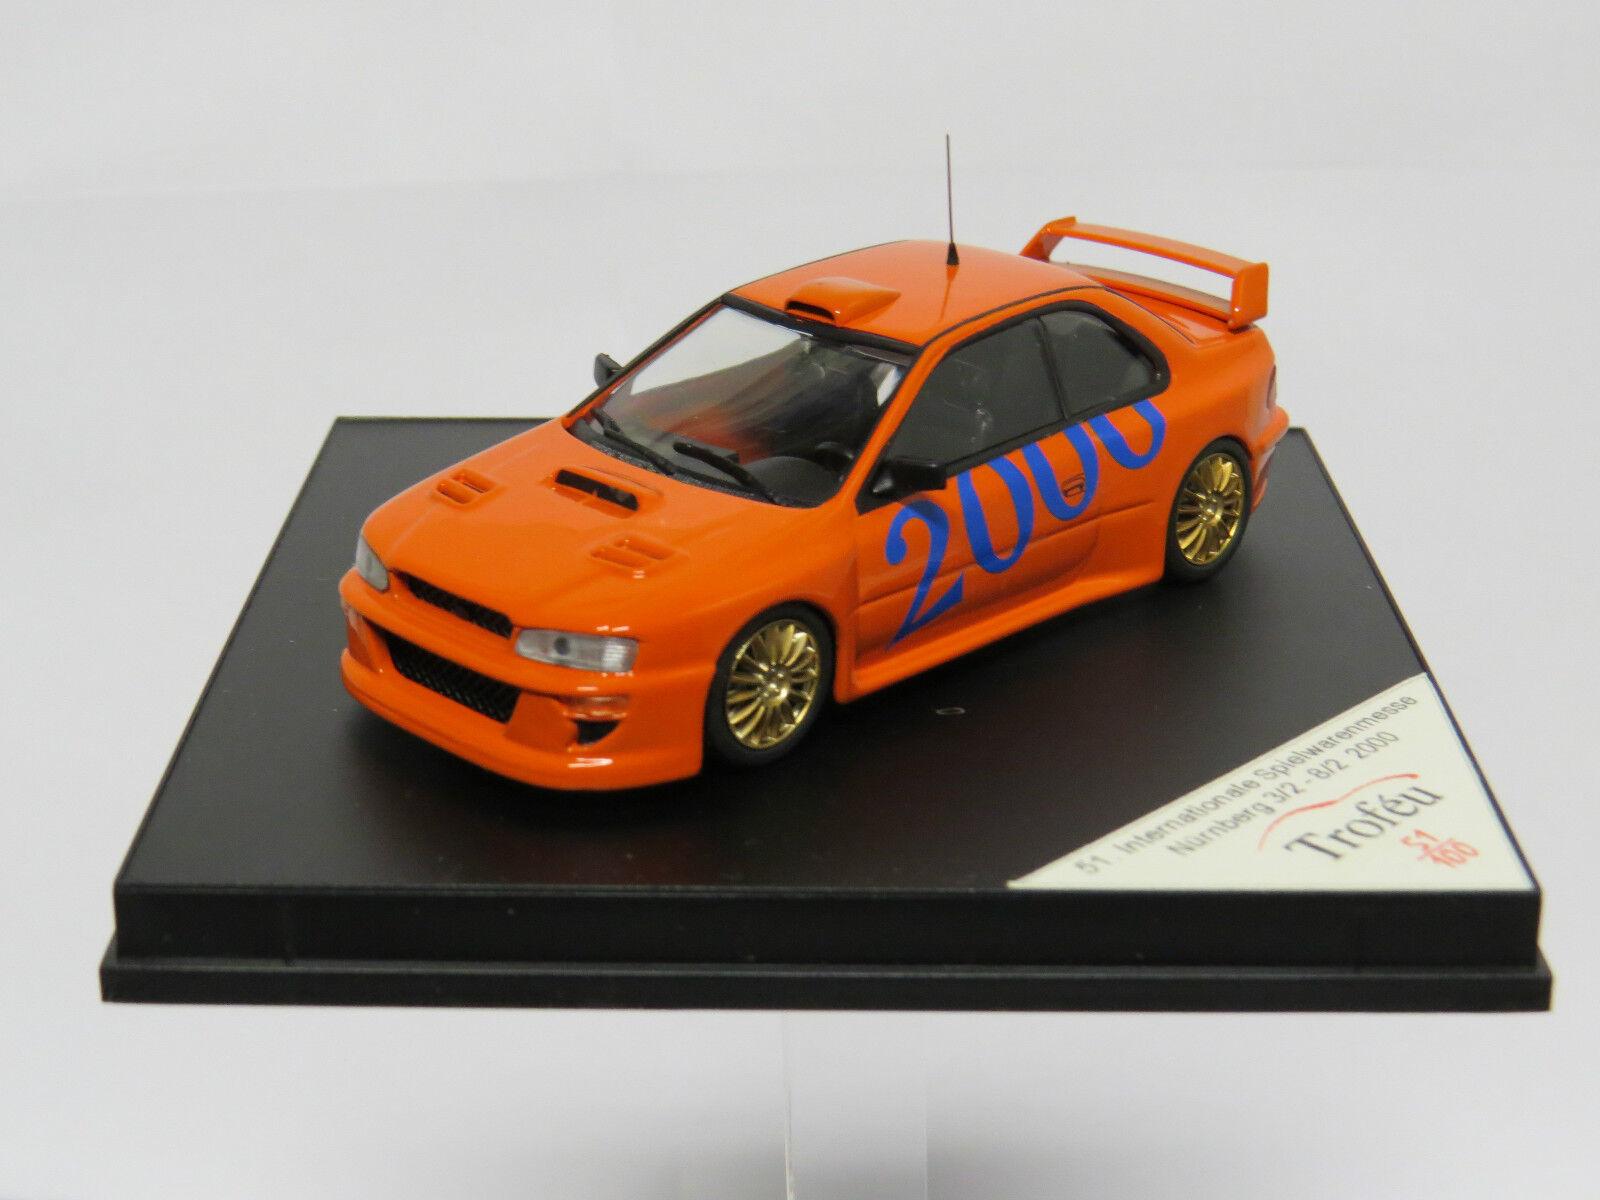 Subaru 51ste Inter Spielwarenmesse Nürnberg 2000 1 43 Troféu 51 100 limited